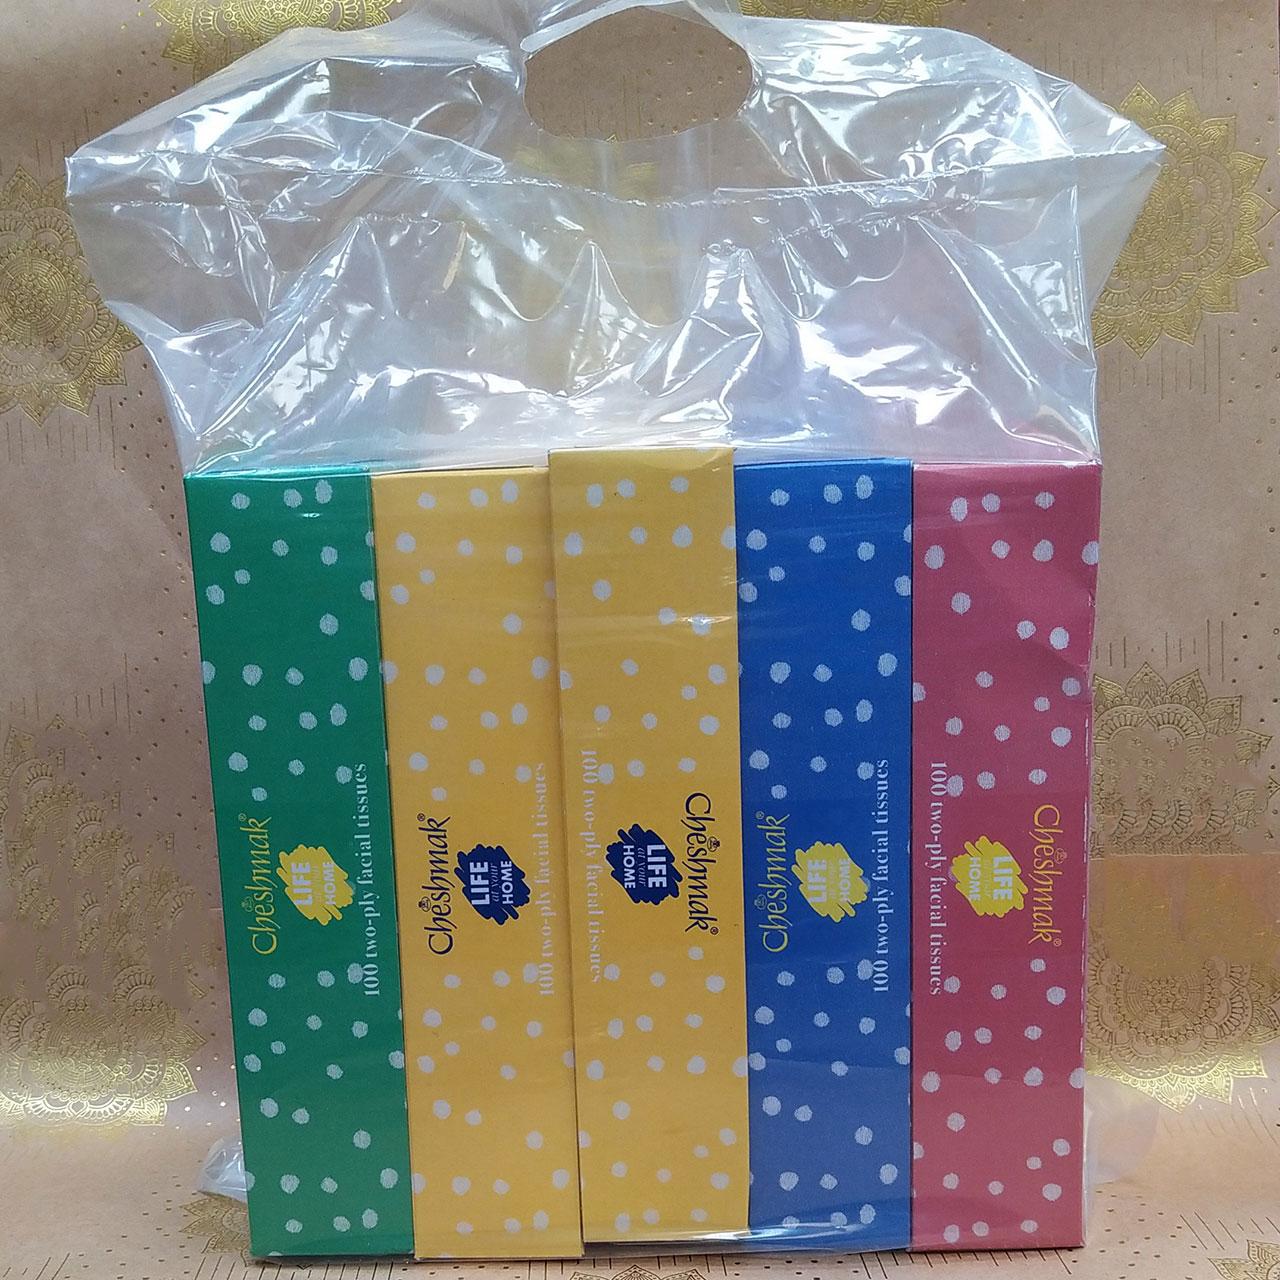 دستمال کاغذی 100 برگ چشمک مدل Spotted بسته 5 عددی main 1 2